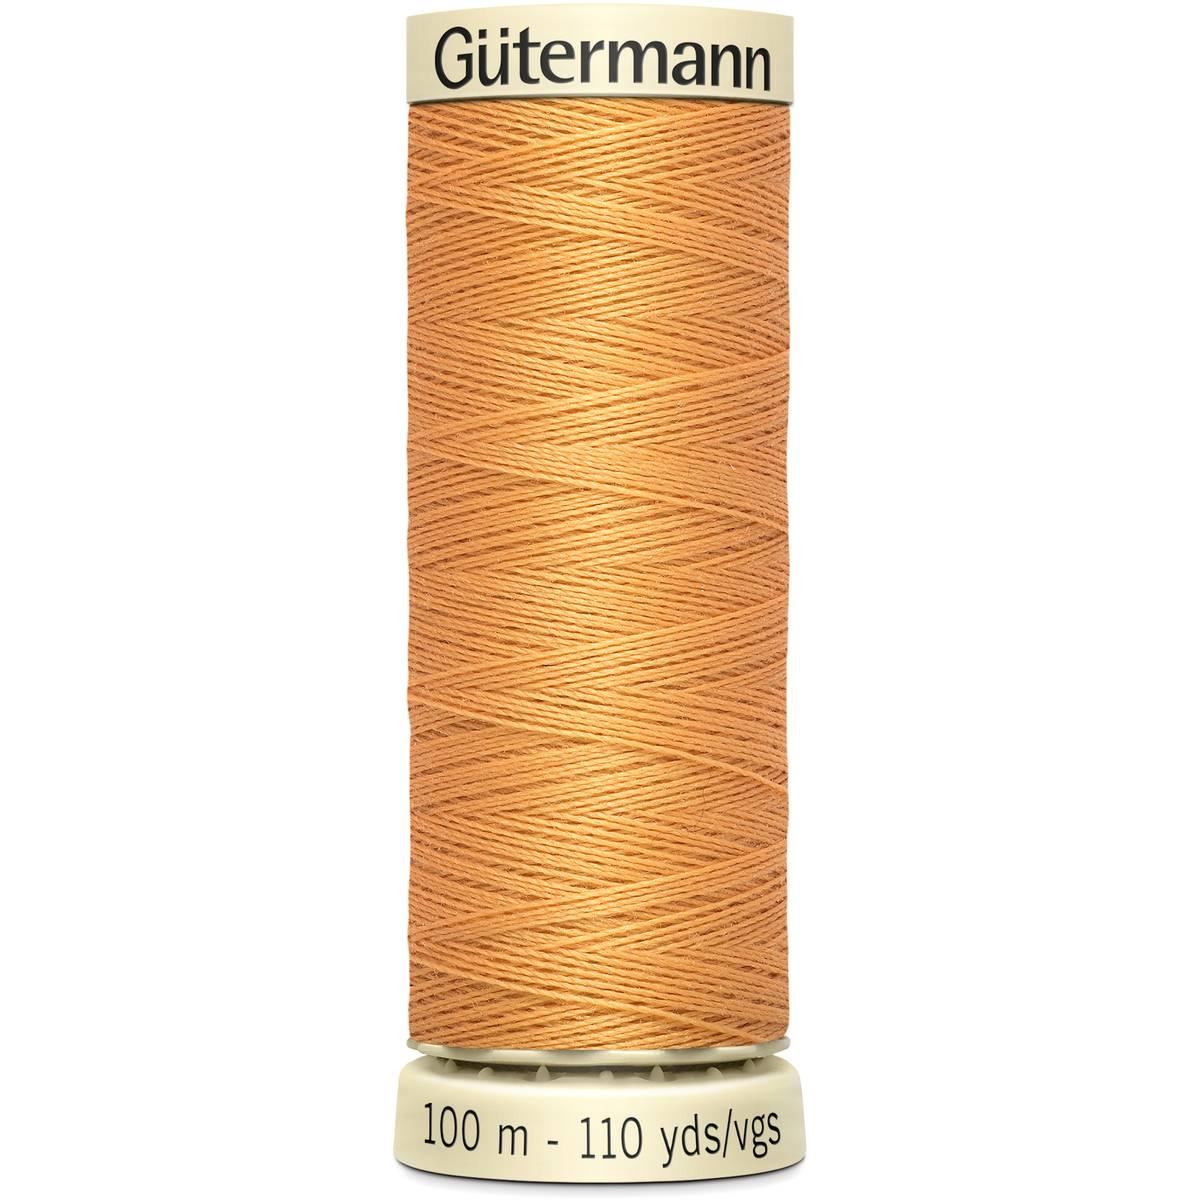 חוט תפירה גוטרמן - Yellow 300